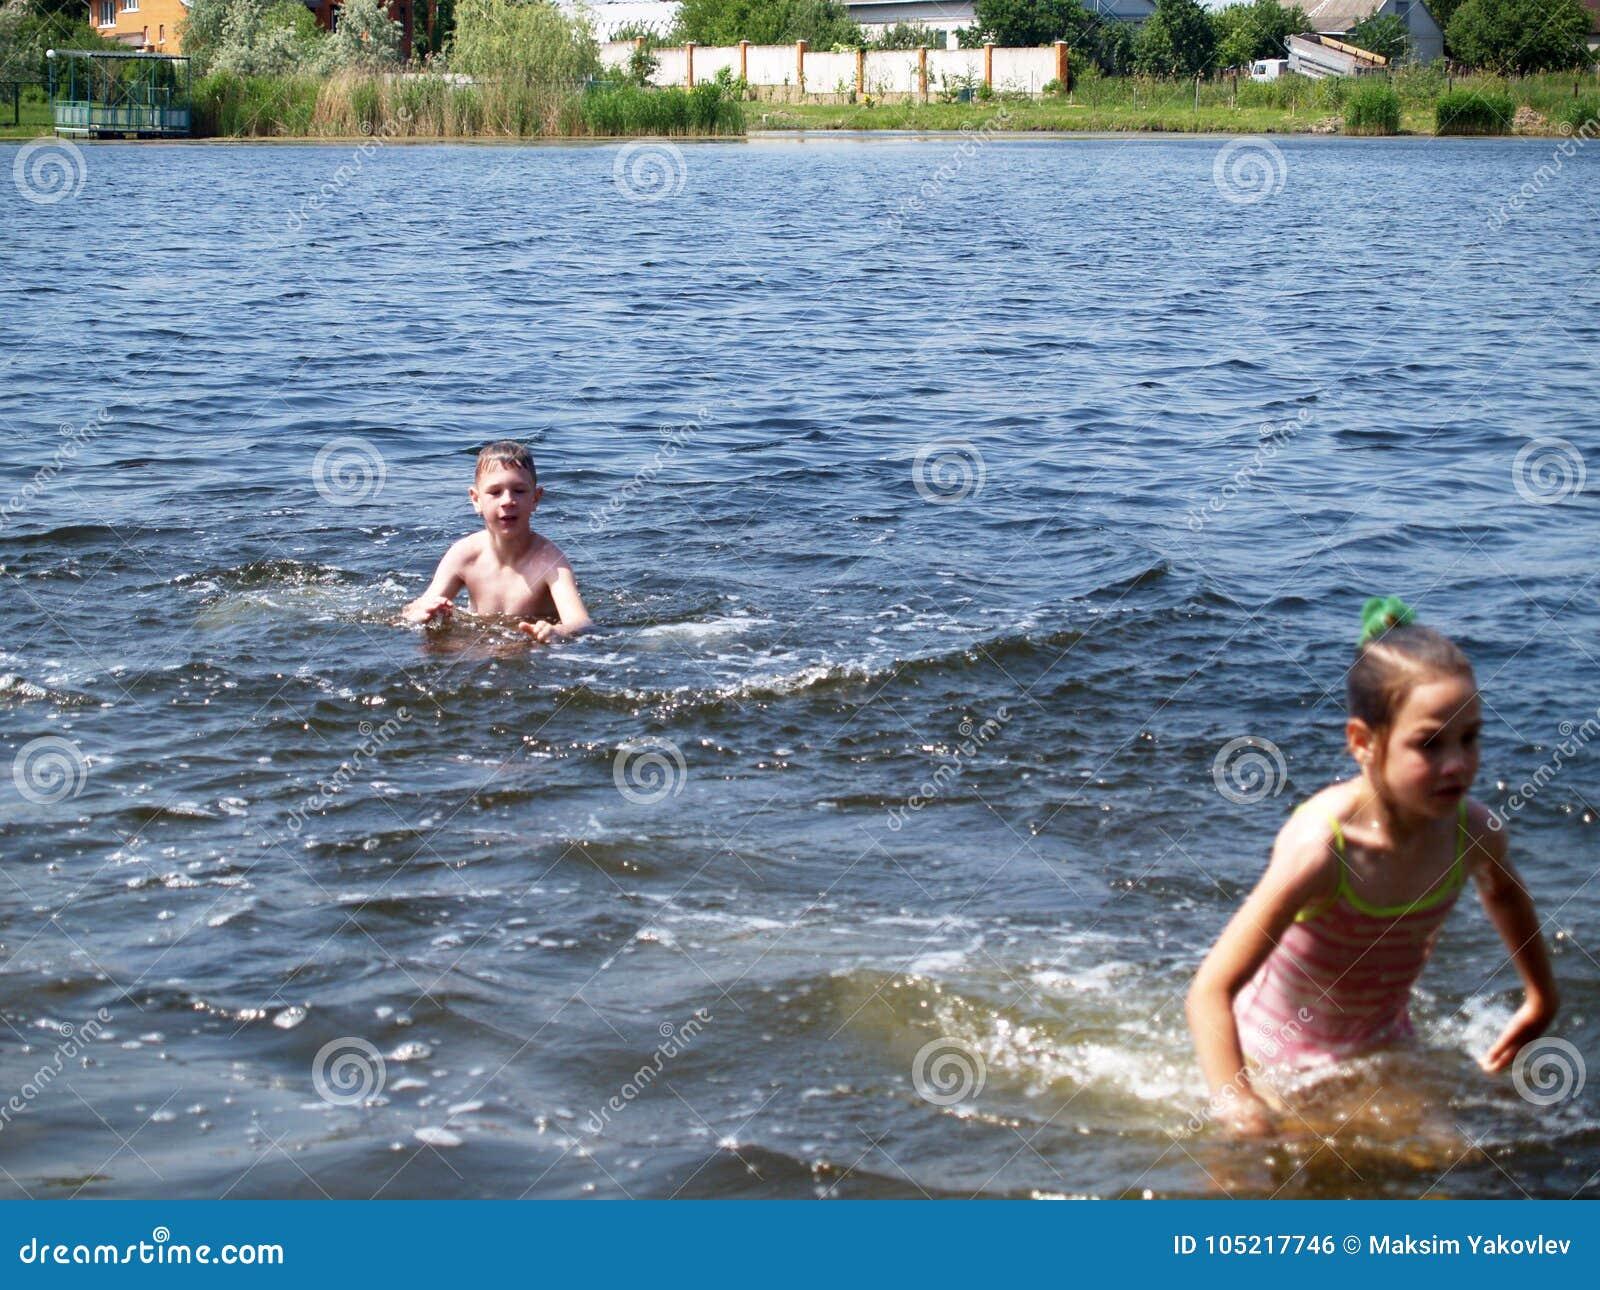 Рассказ секс в реке, Порно рассказы: Лето у реки - Первый секс 21 фотография